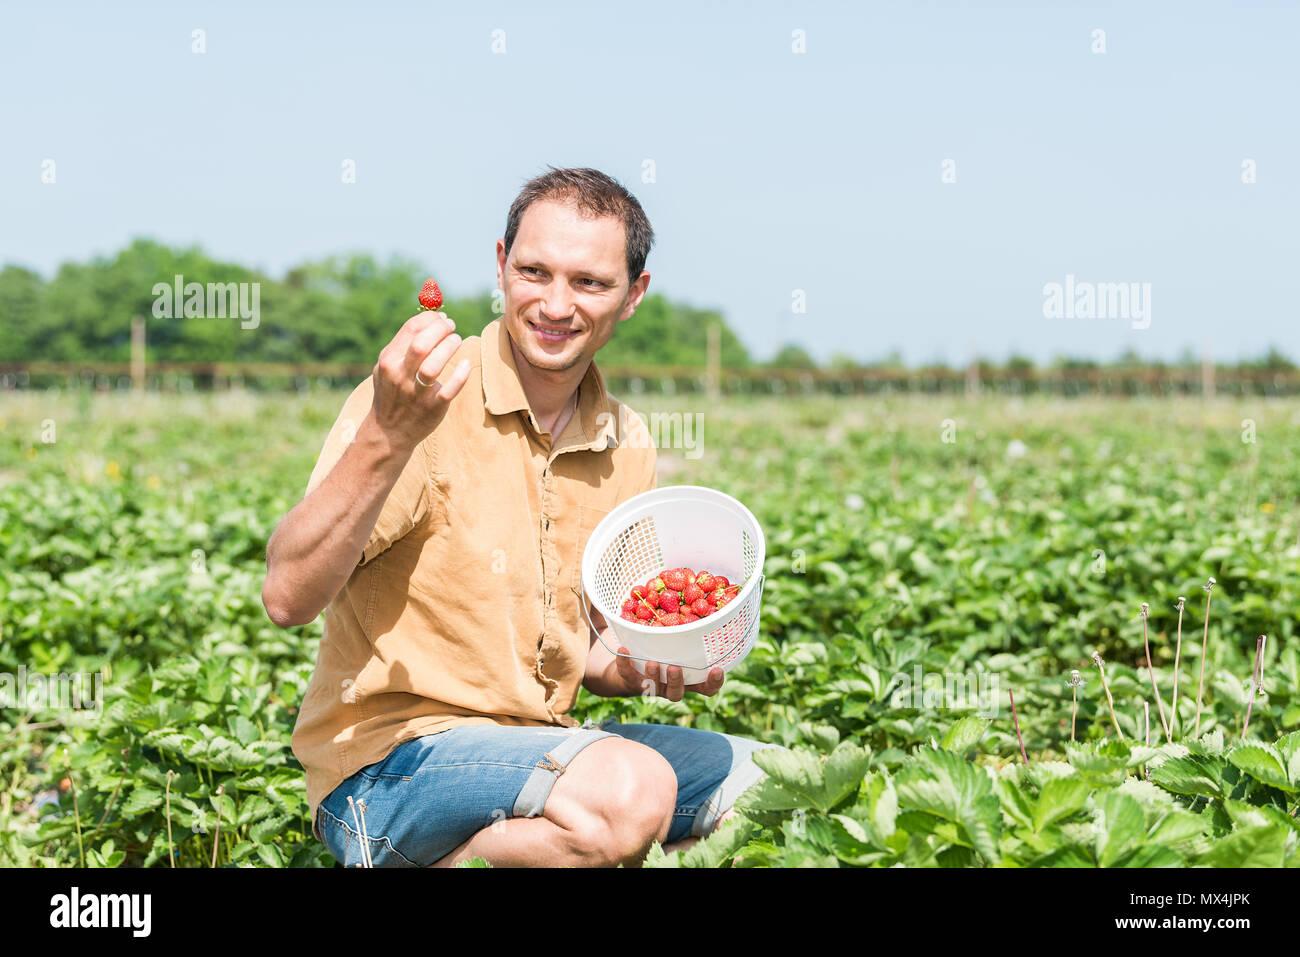 Giovani sorridenti man picking fragole nel campo verde righe farm, cestello di trasporto di bacche rosse frutto in primavera, estate attiva Immagini Stock